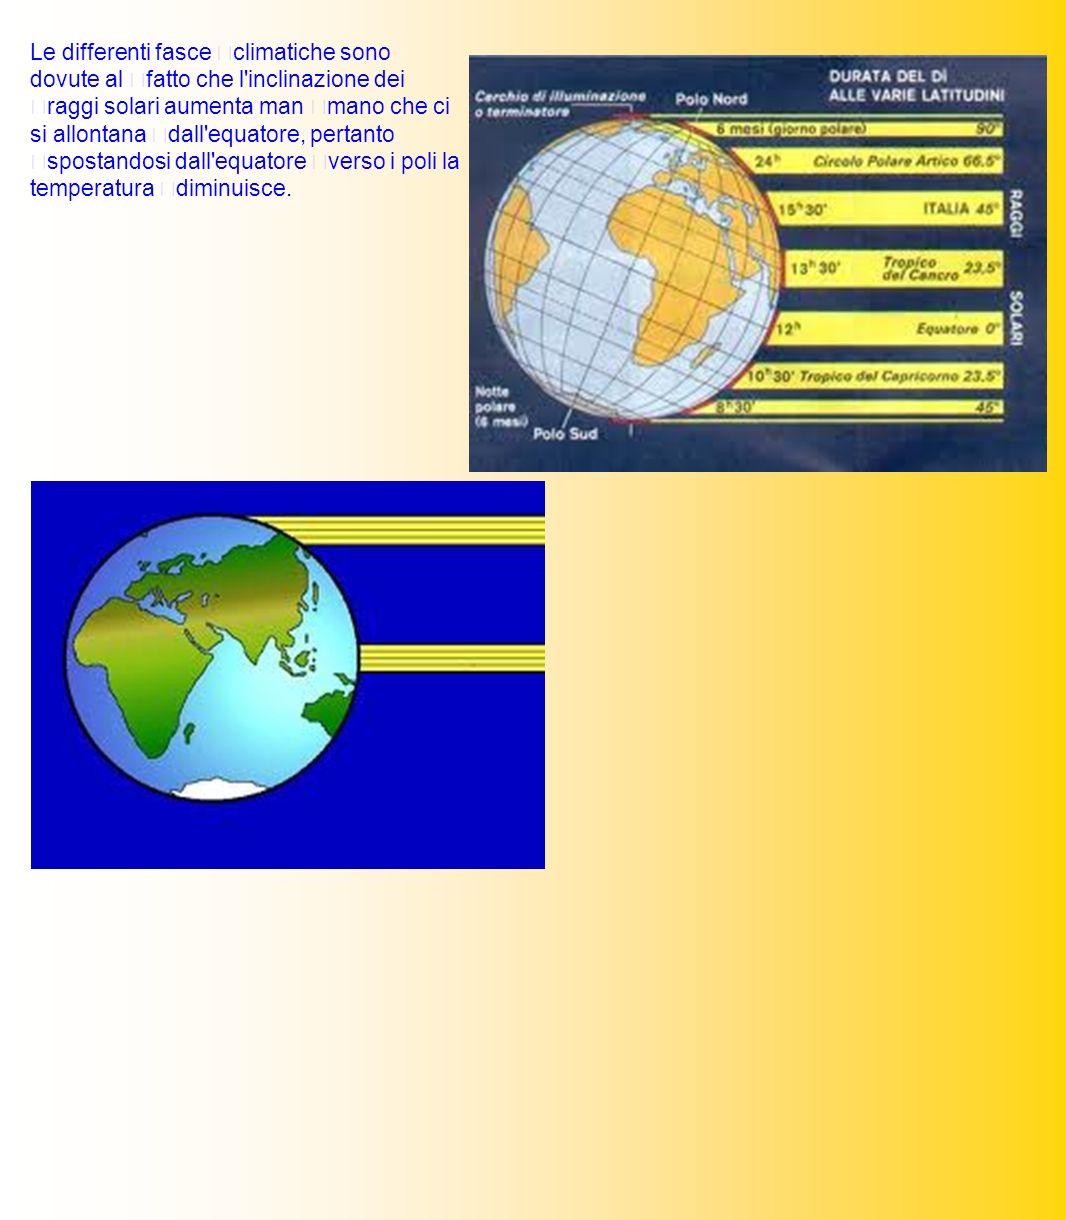 Le differenti fasce climatiche sono dovute al fatto che l inclinazione dei raggi solari aumenta man mano che ci si allontana dall equatore, pertanto spostandosi dall equatore verso i poli la temperatura diminuisce.